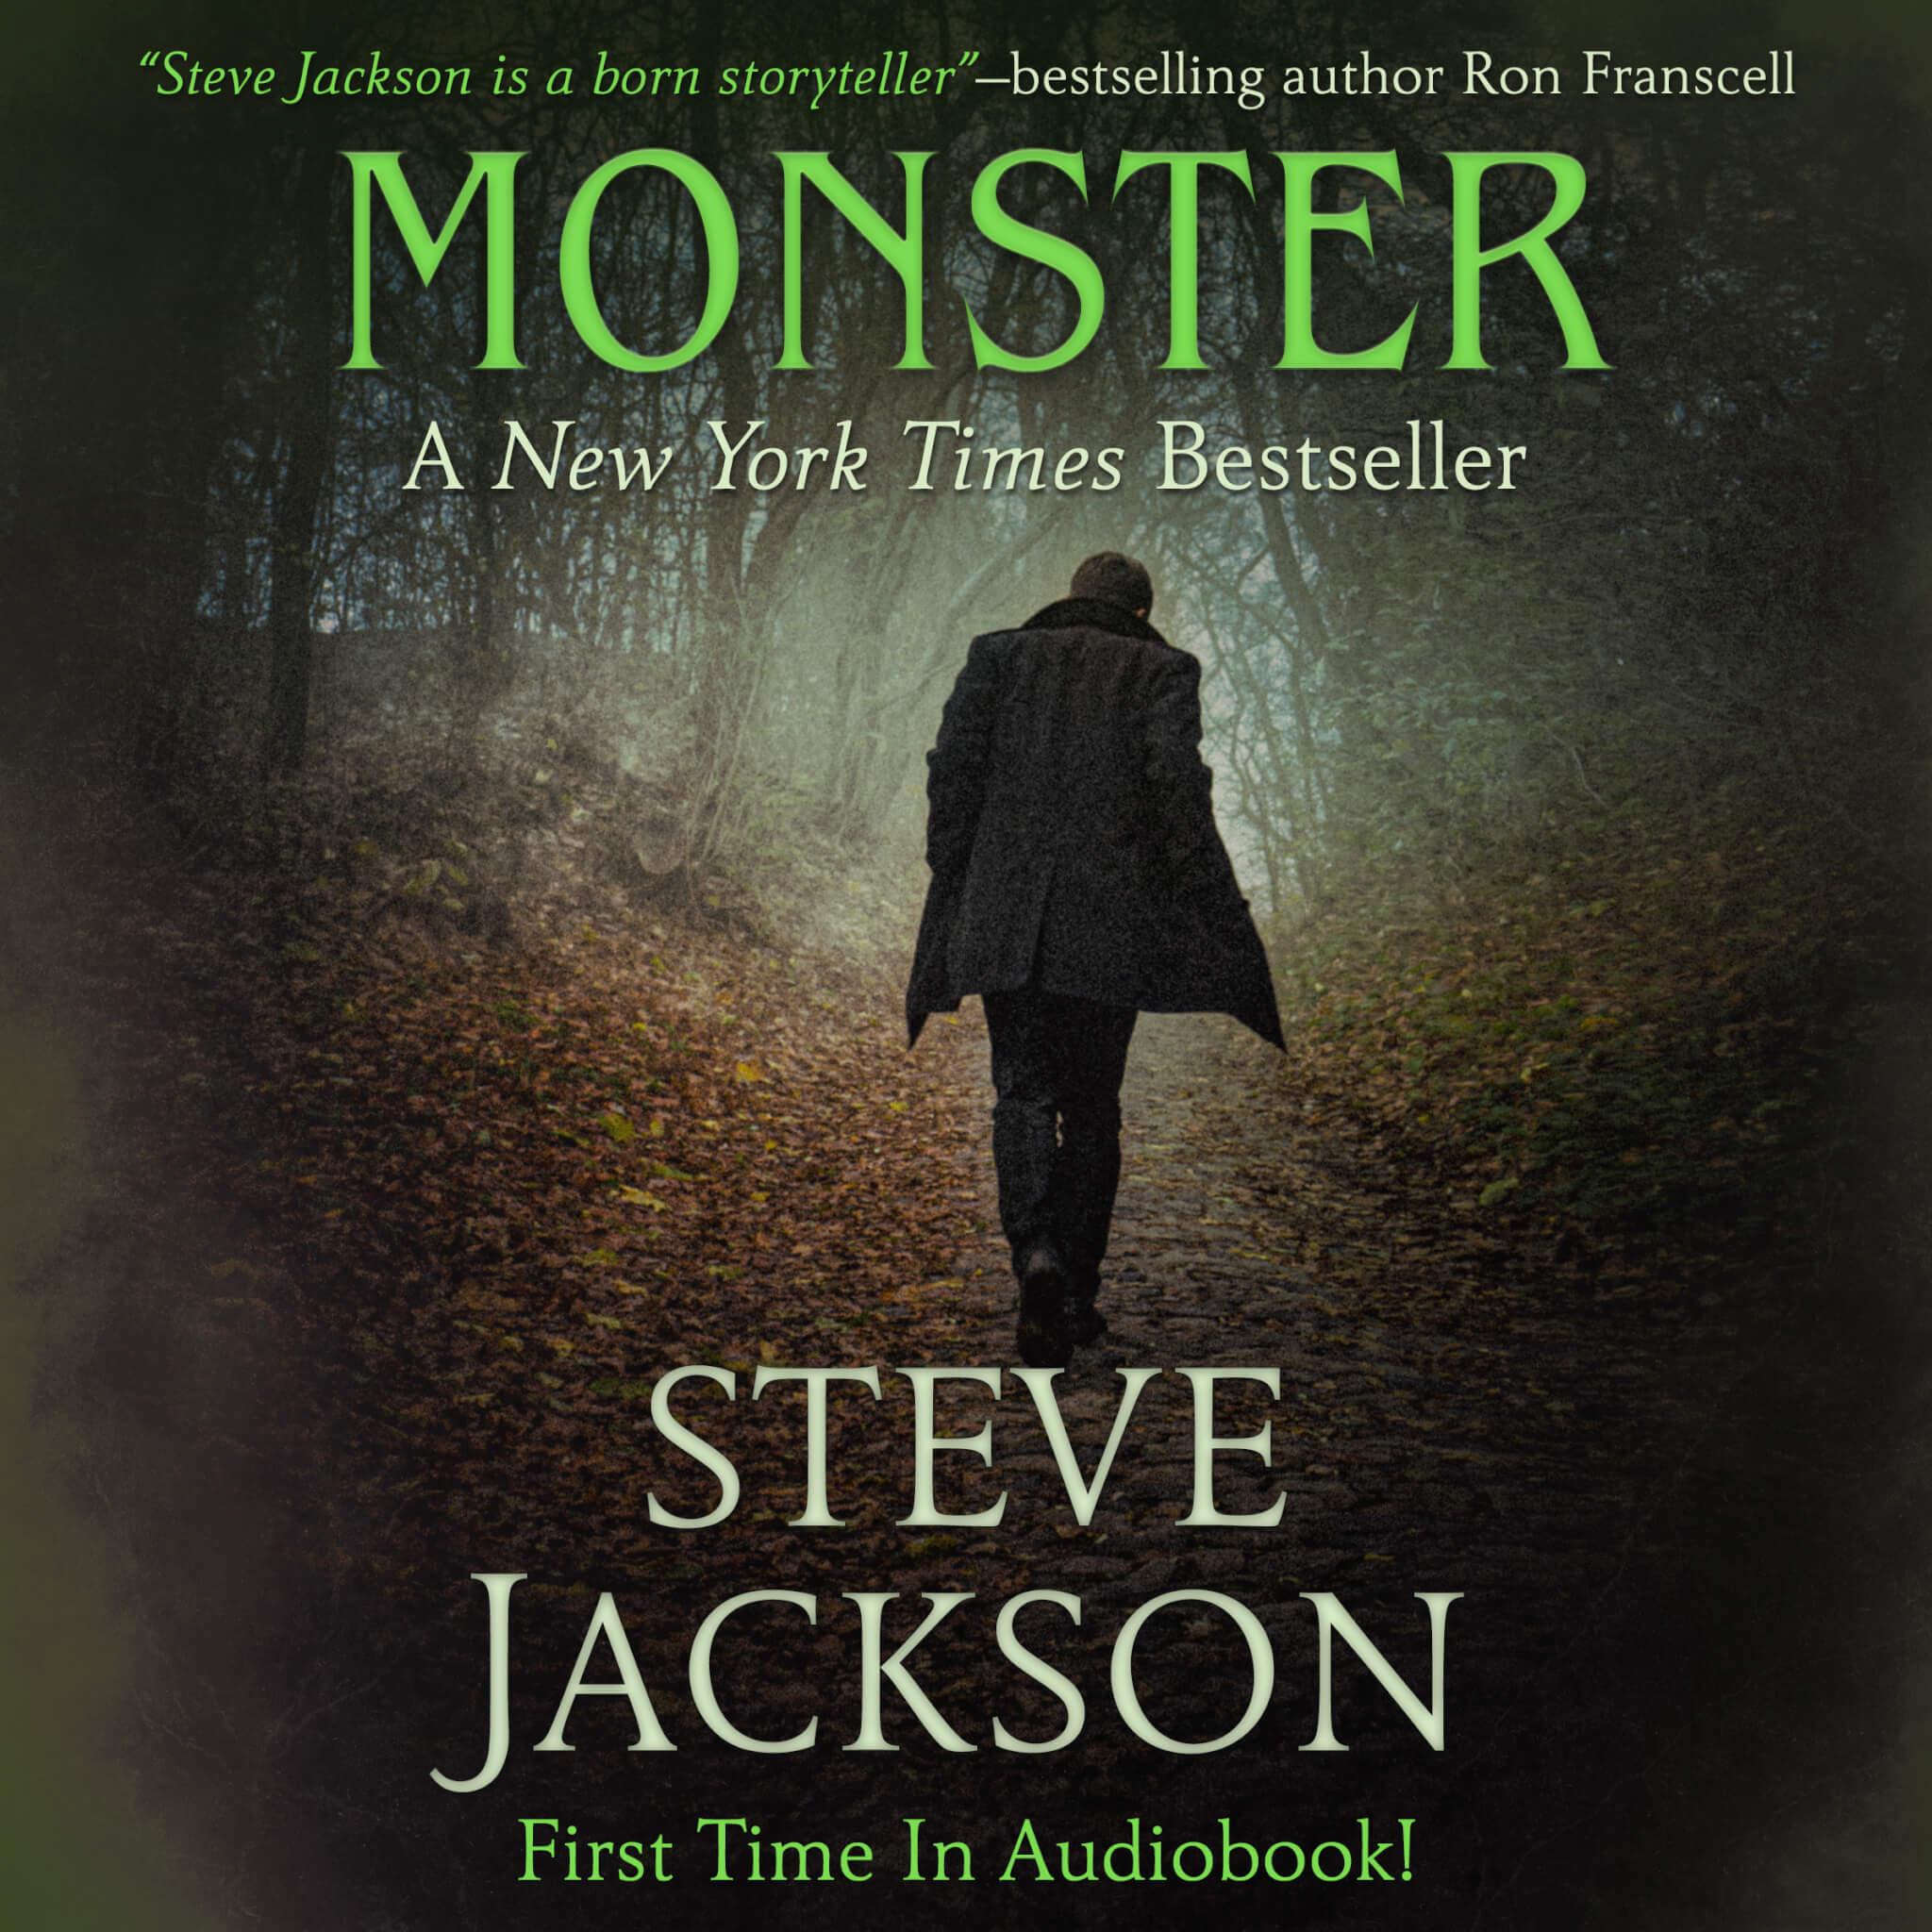 Steve Jackson MONSTER ACX Cover